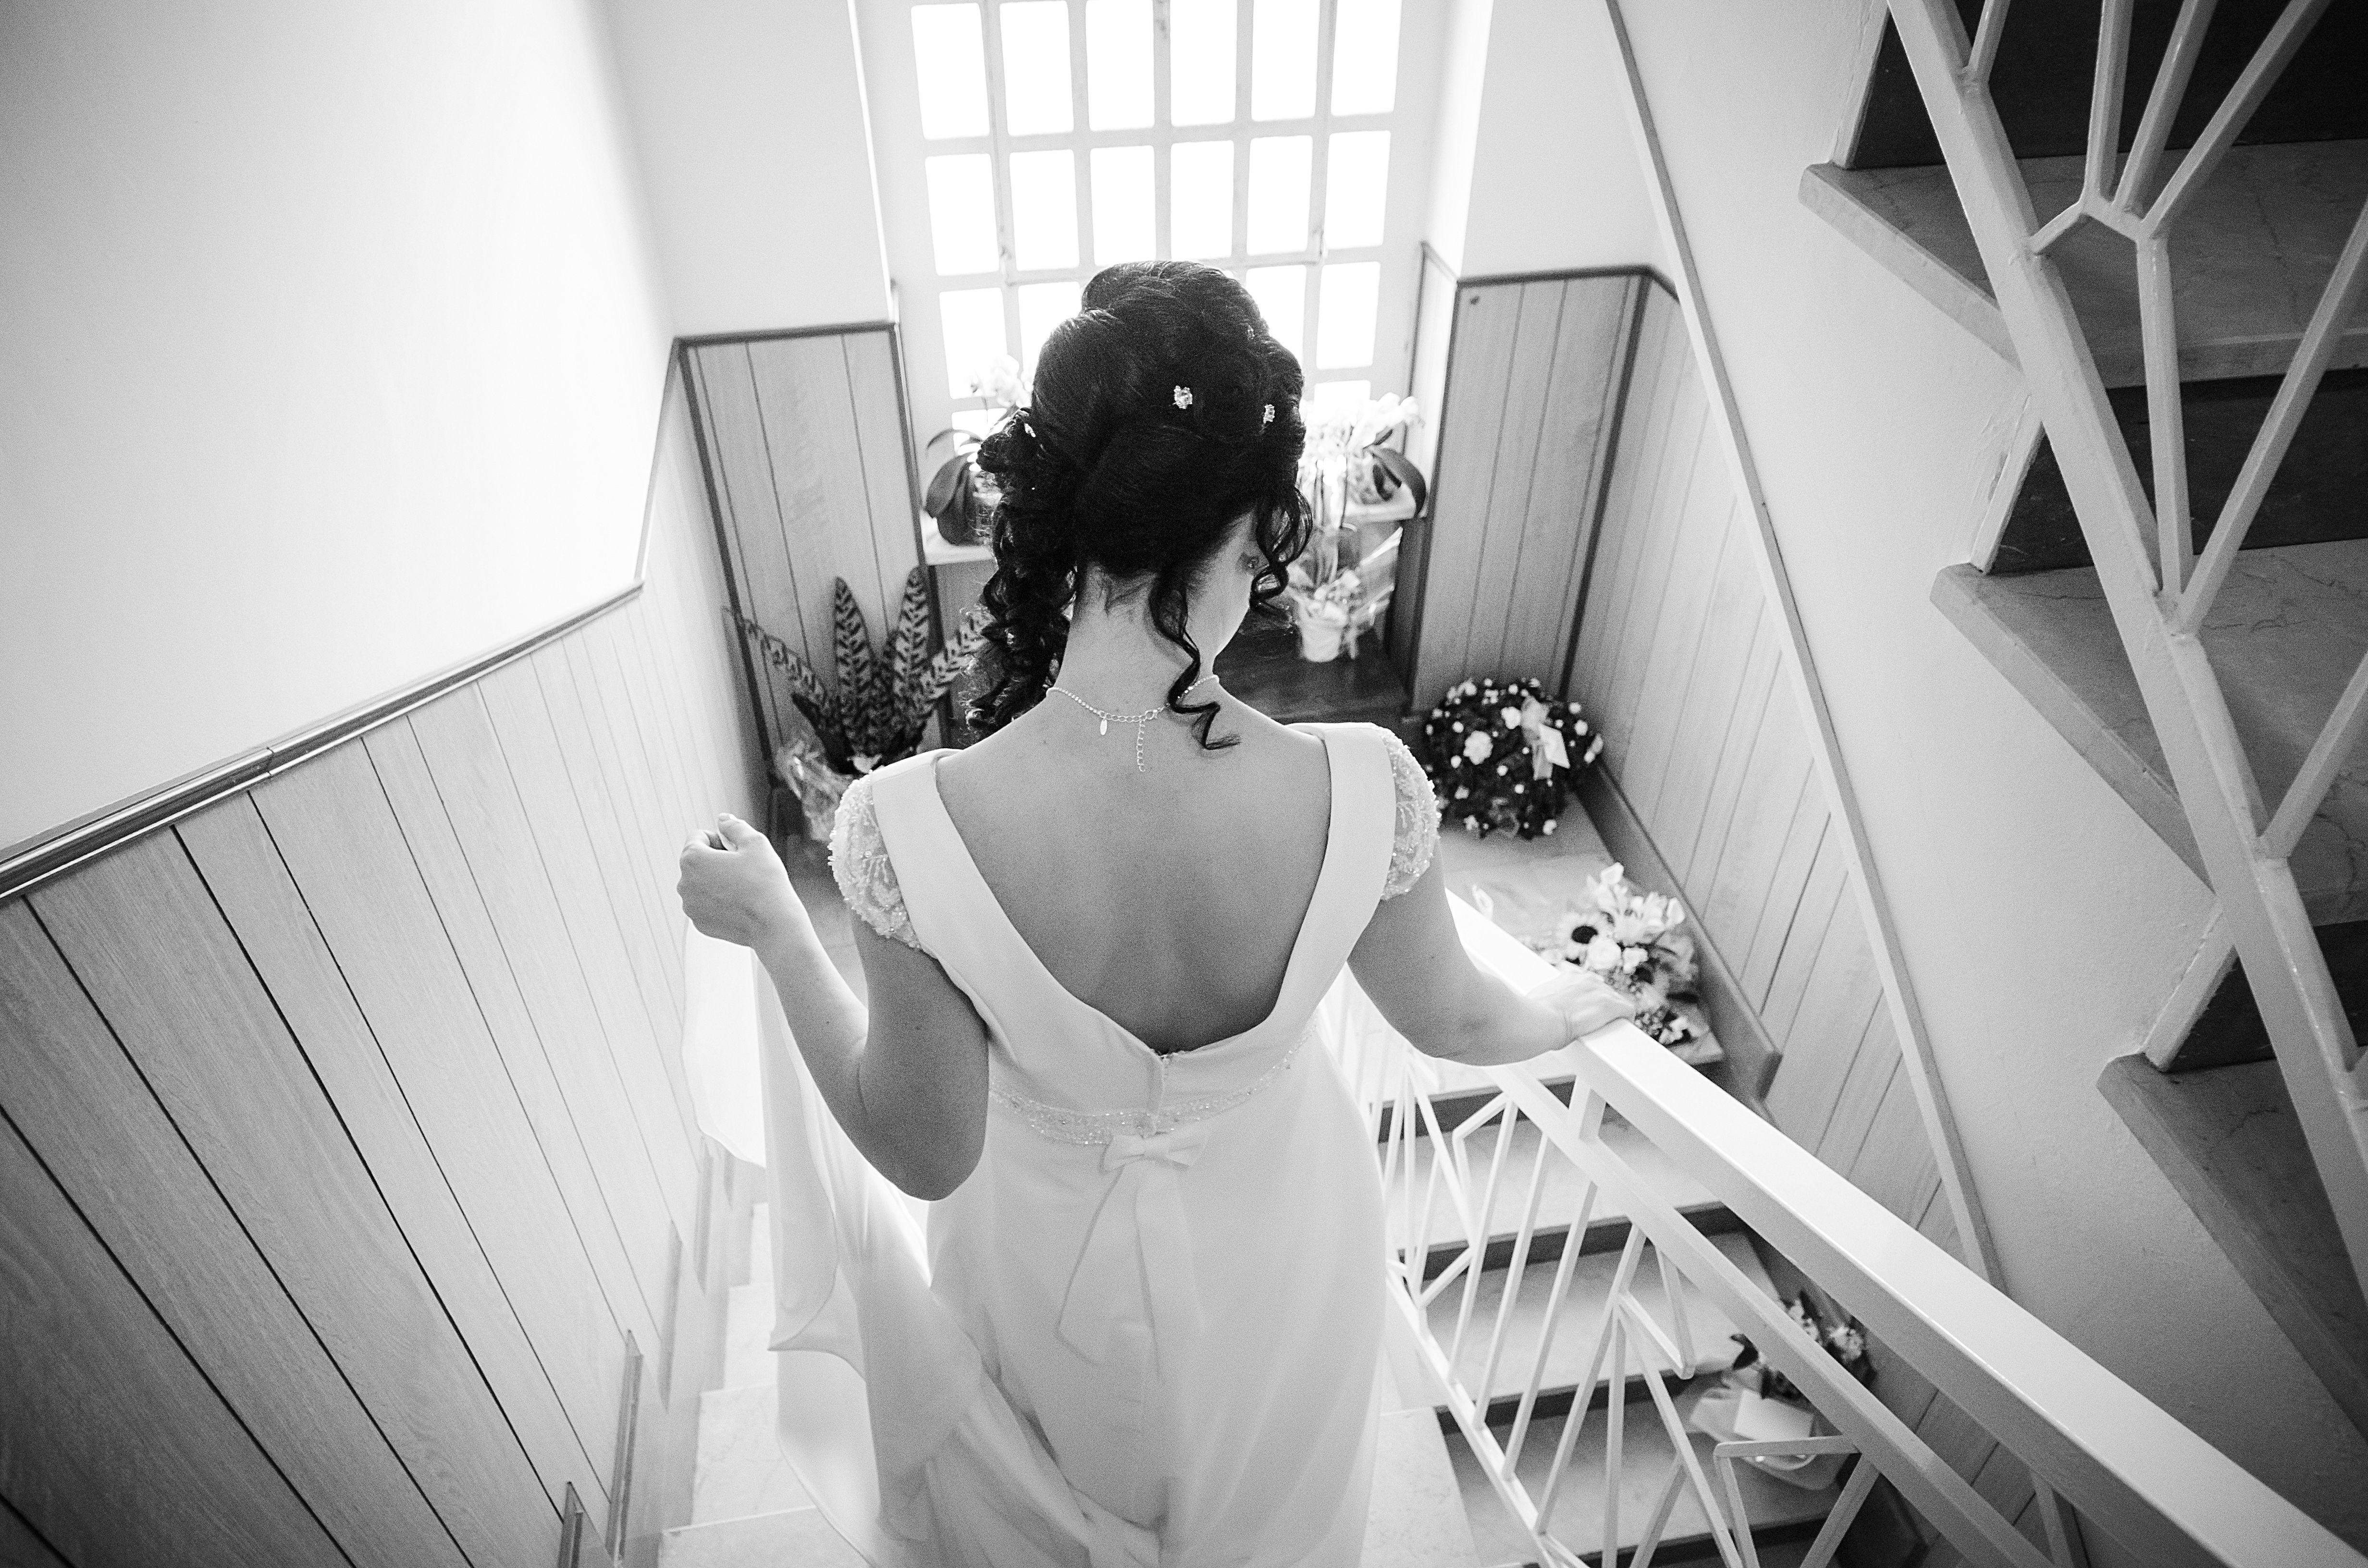 Fotografo di matrimonio, Withart Rostagno Marco Pinerolo (Torino)